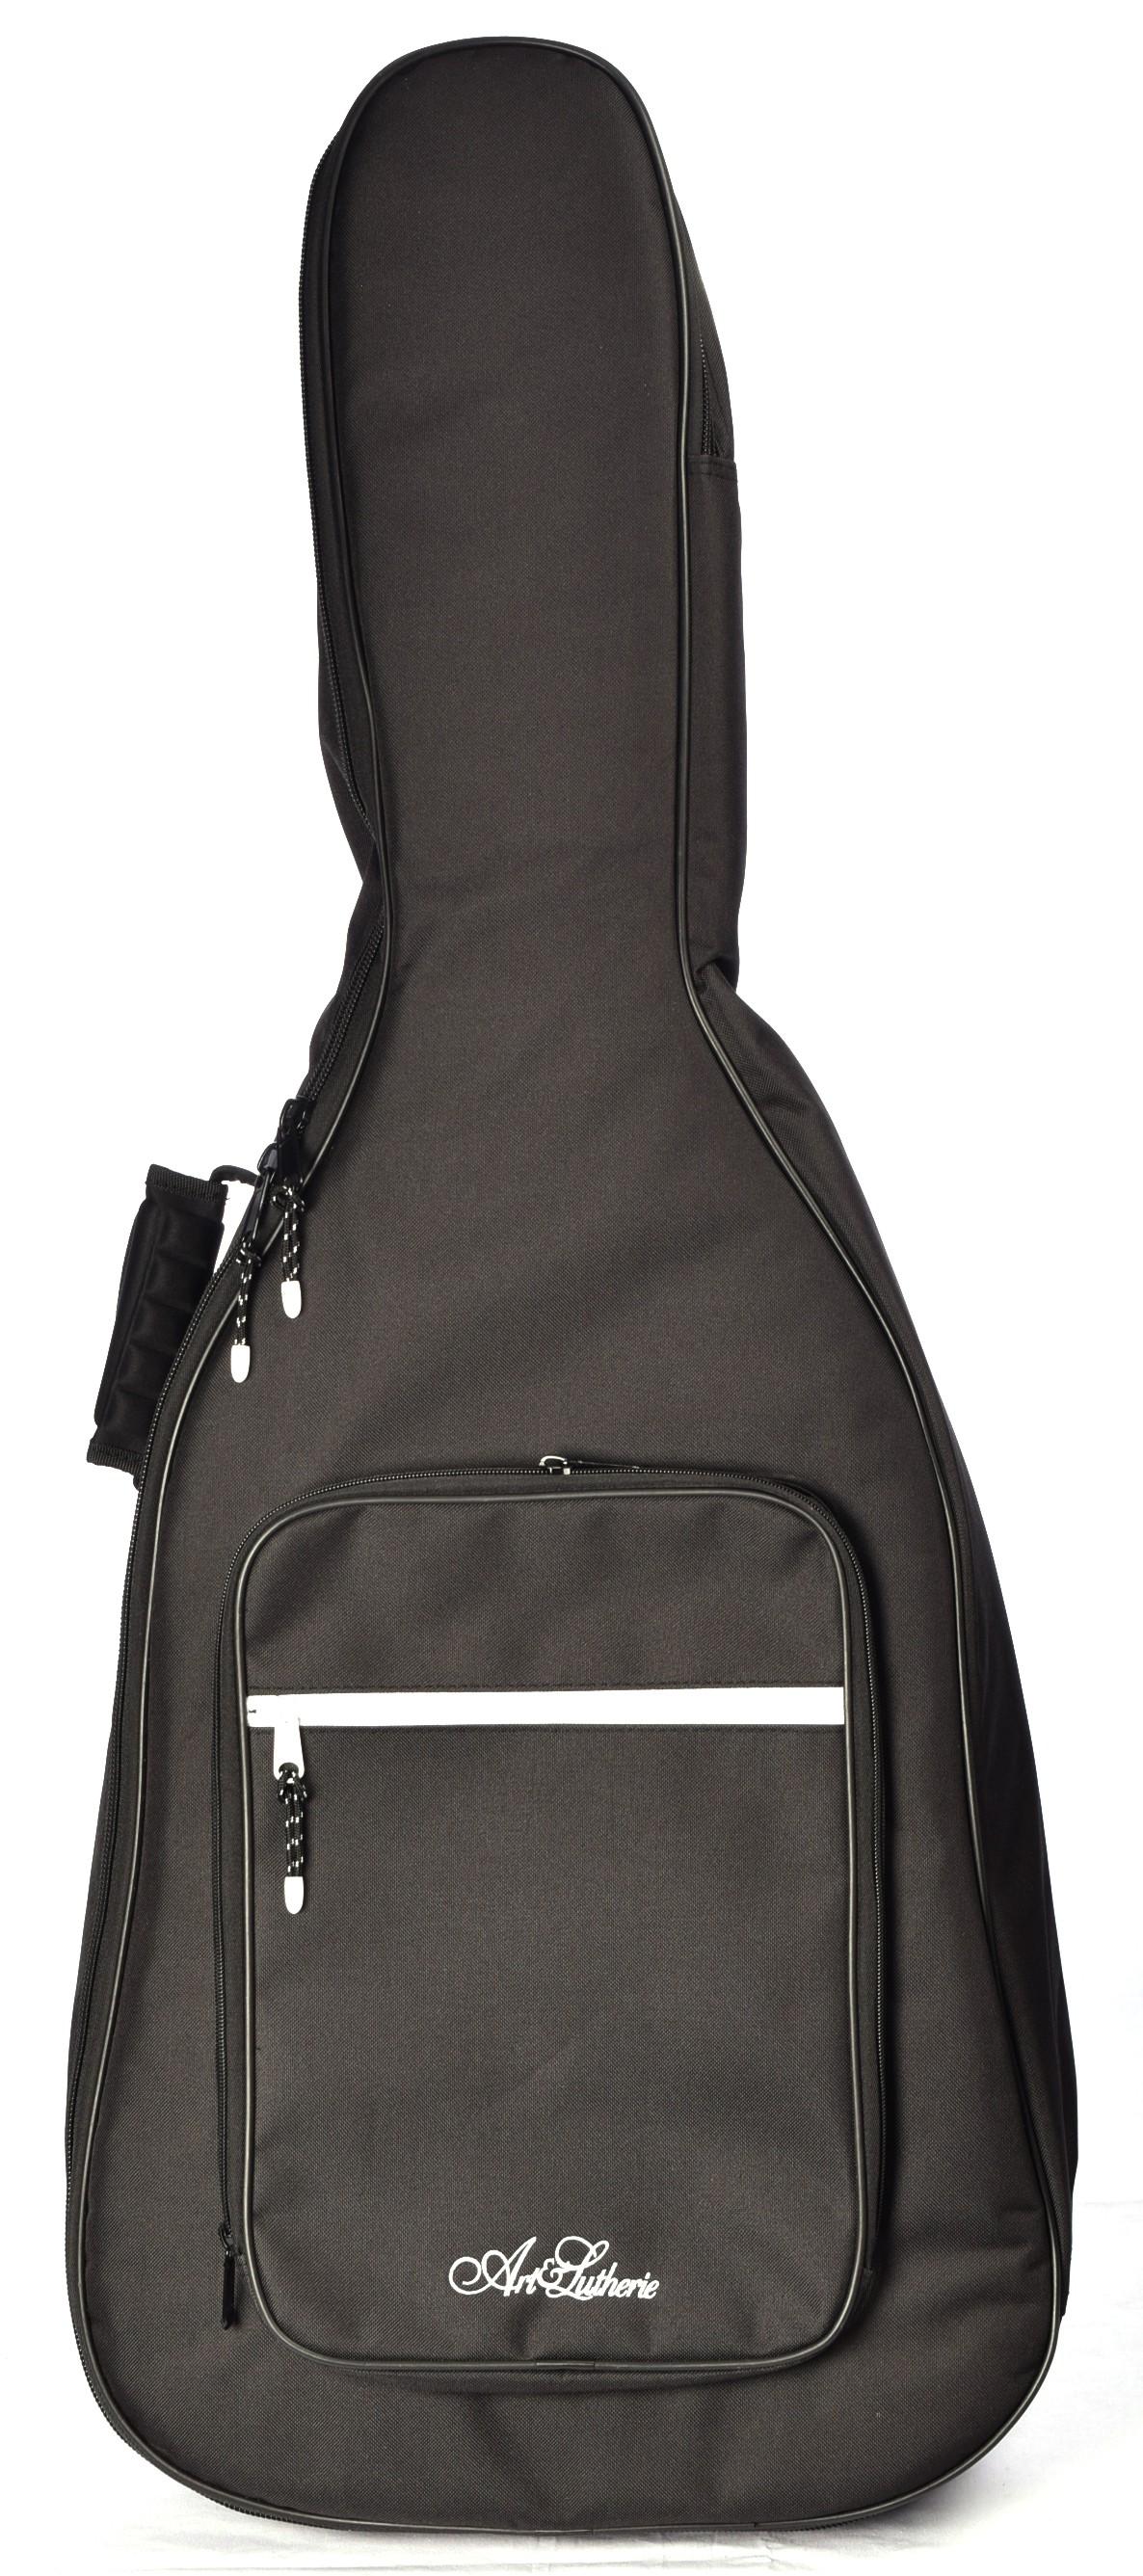 Guitares & Co - ETUIS & HOUSSES - HOUSSES - ART & LUTHERIE - AL033850 - Royez Musik